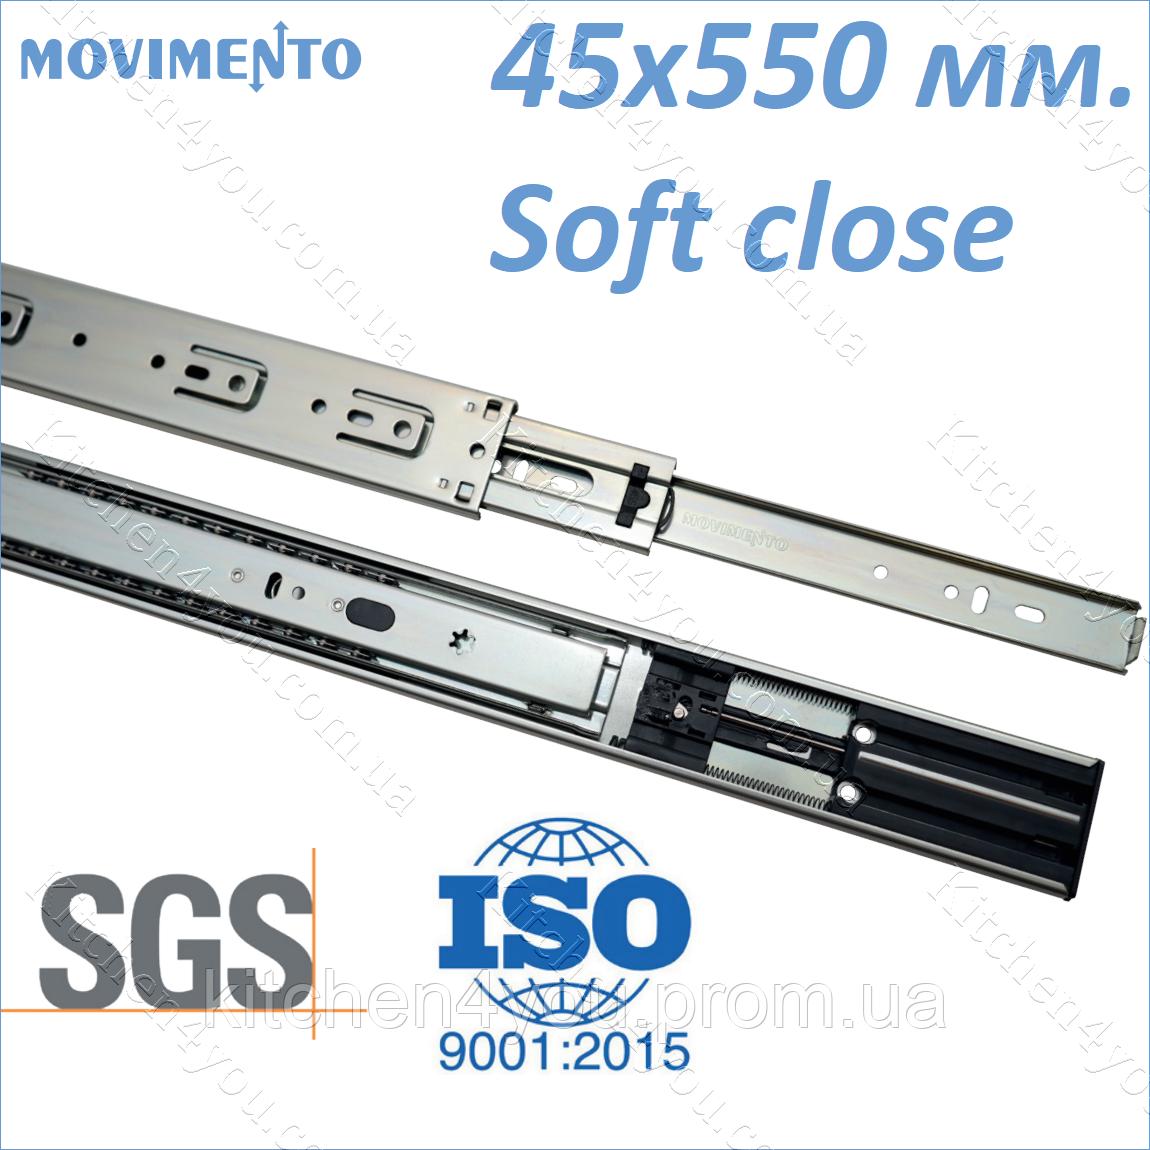 Направляющая 45x550 мм. с доводчиком Movimento N-Pro